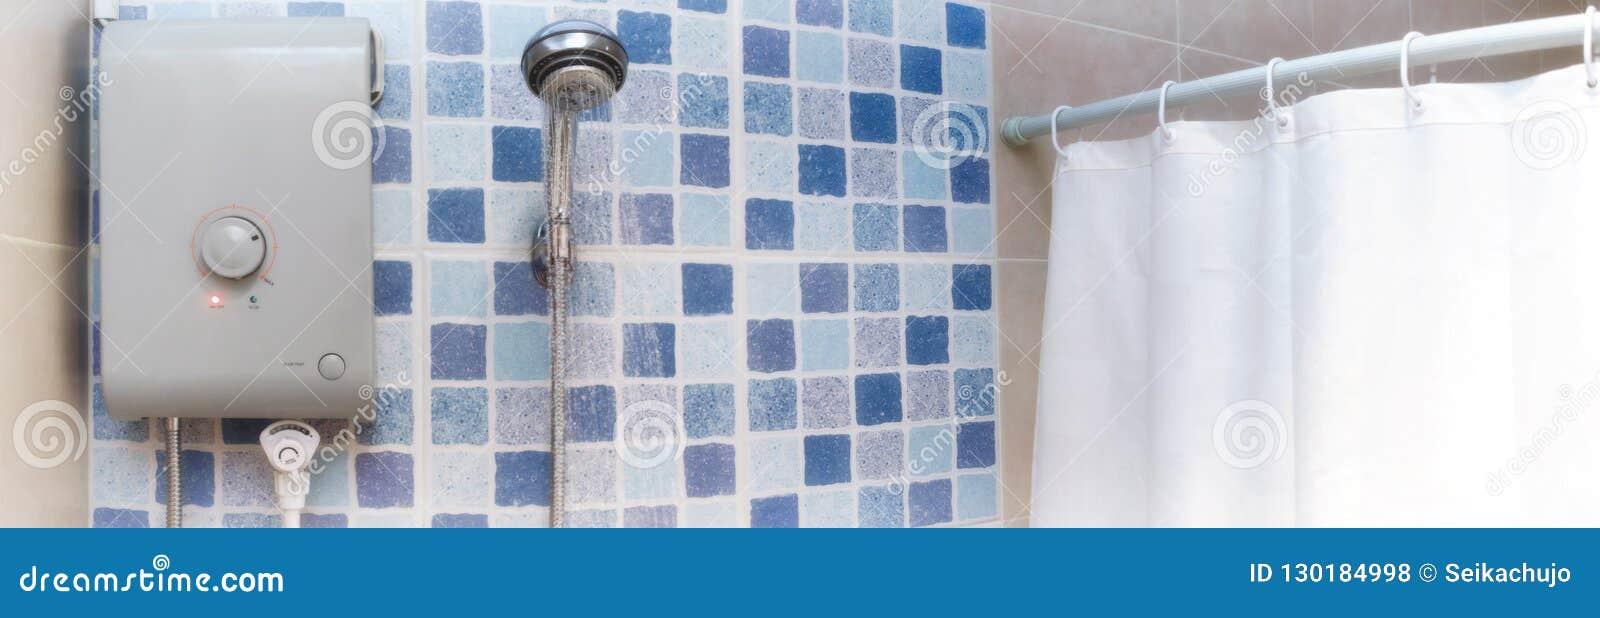 Agua caliente para regar de un calentador de agua eléctrico